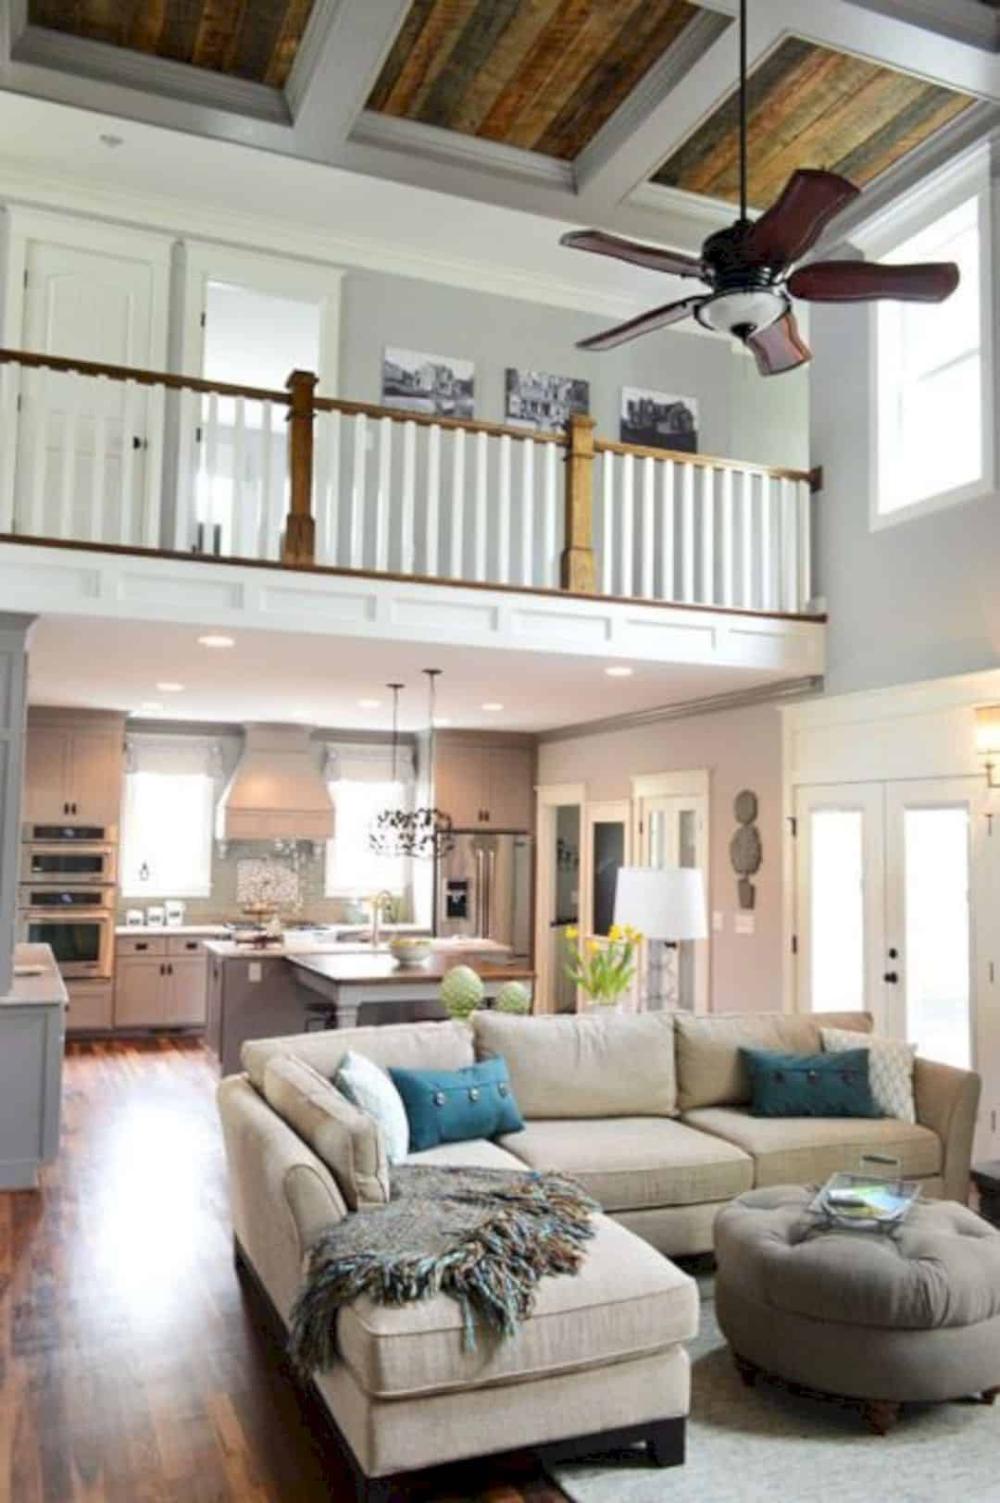 15 Erstaunliche Mobellayoutideen Zum Ihres Familienzimmers Zu Ordnen Futuristische Architektur Architektur Einrichtungsideen Erstaunli In 2020 Decor Home Living Room Family Room Design Loft Style